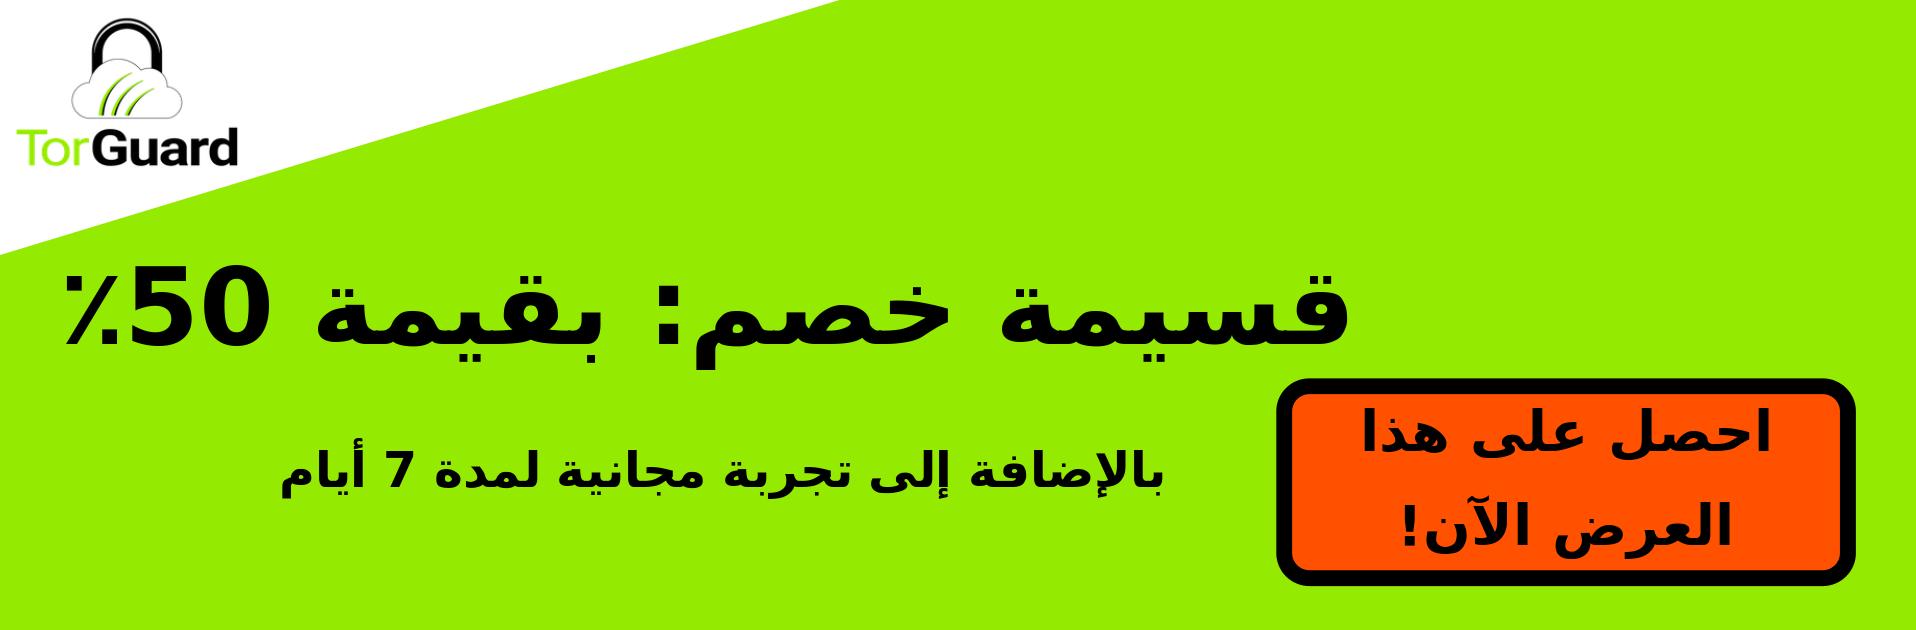 torguard vpn coupon banner 50% off